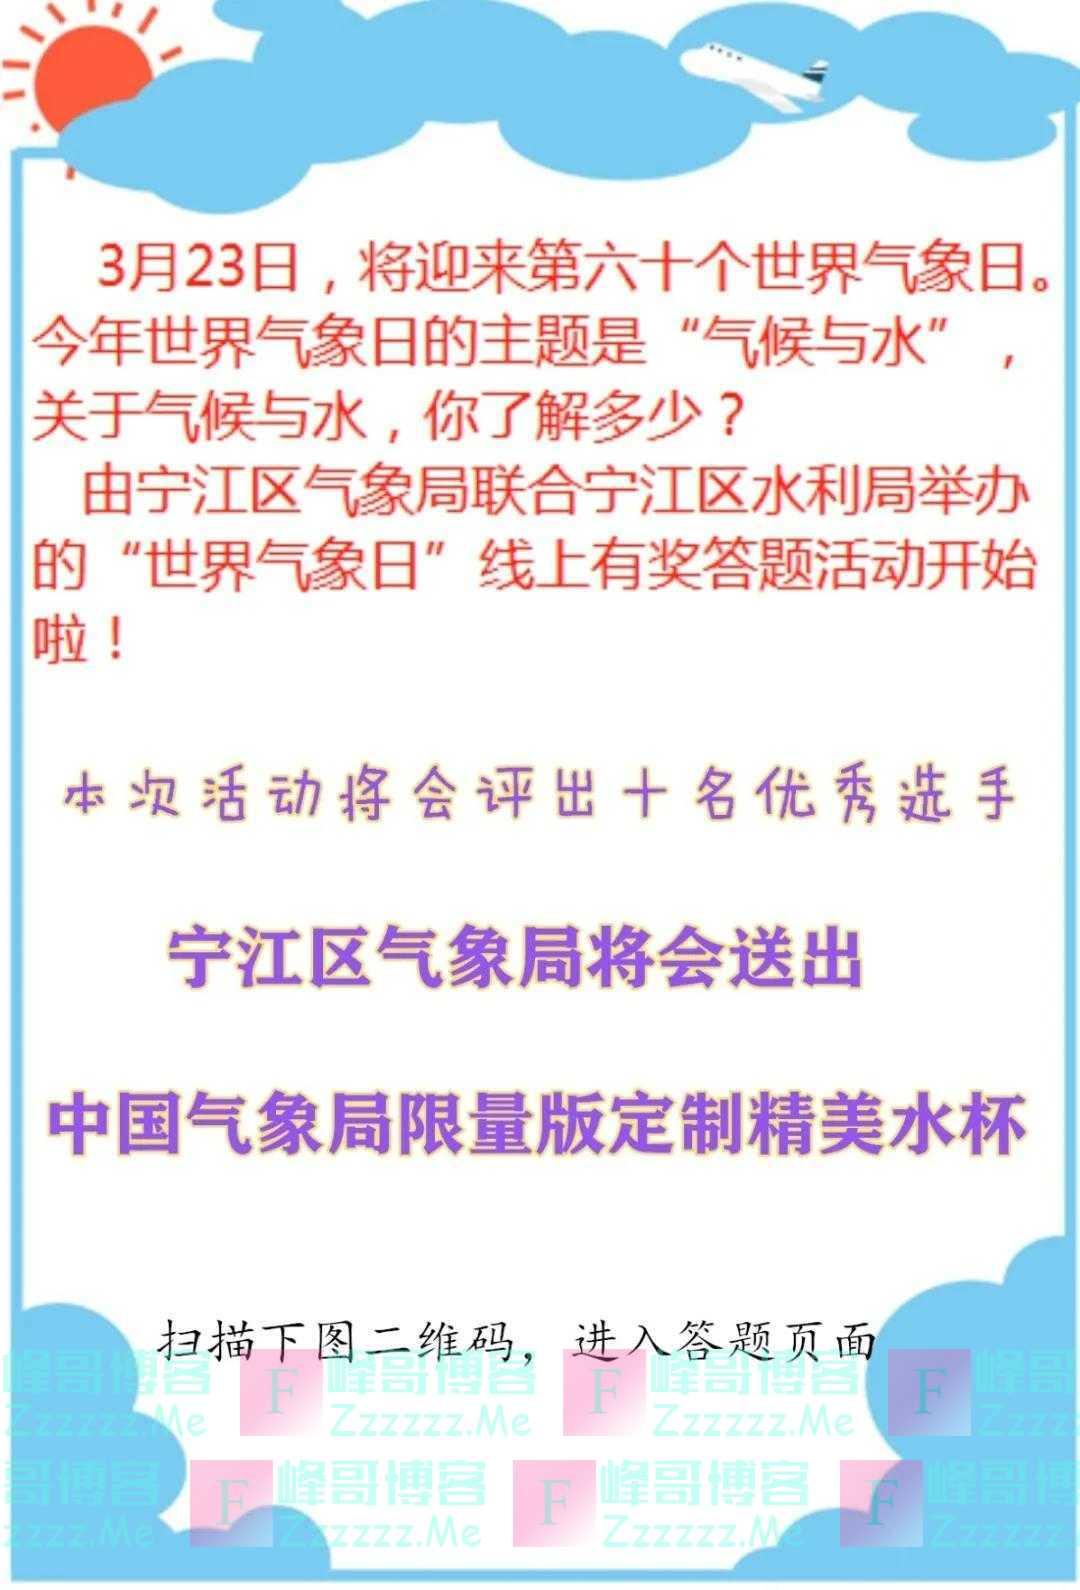 """宁江气象""""世界气象日""""线上有奖答题(截止不详)"""